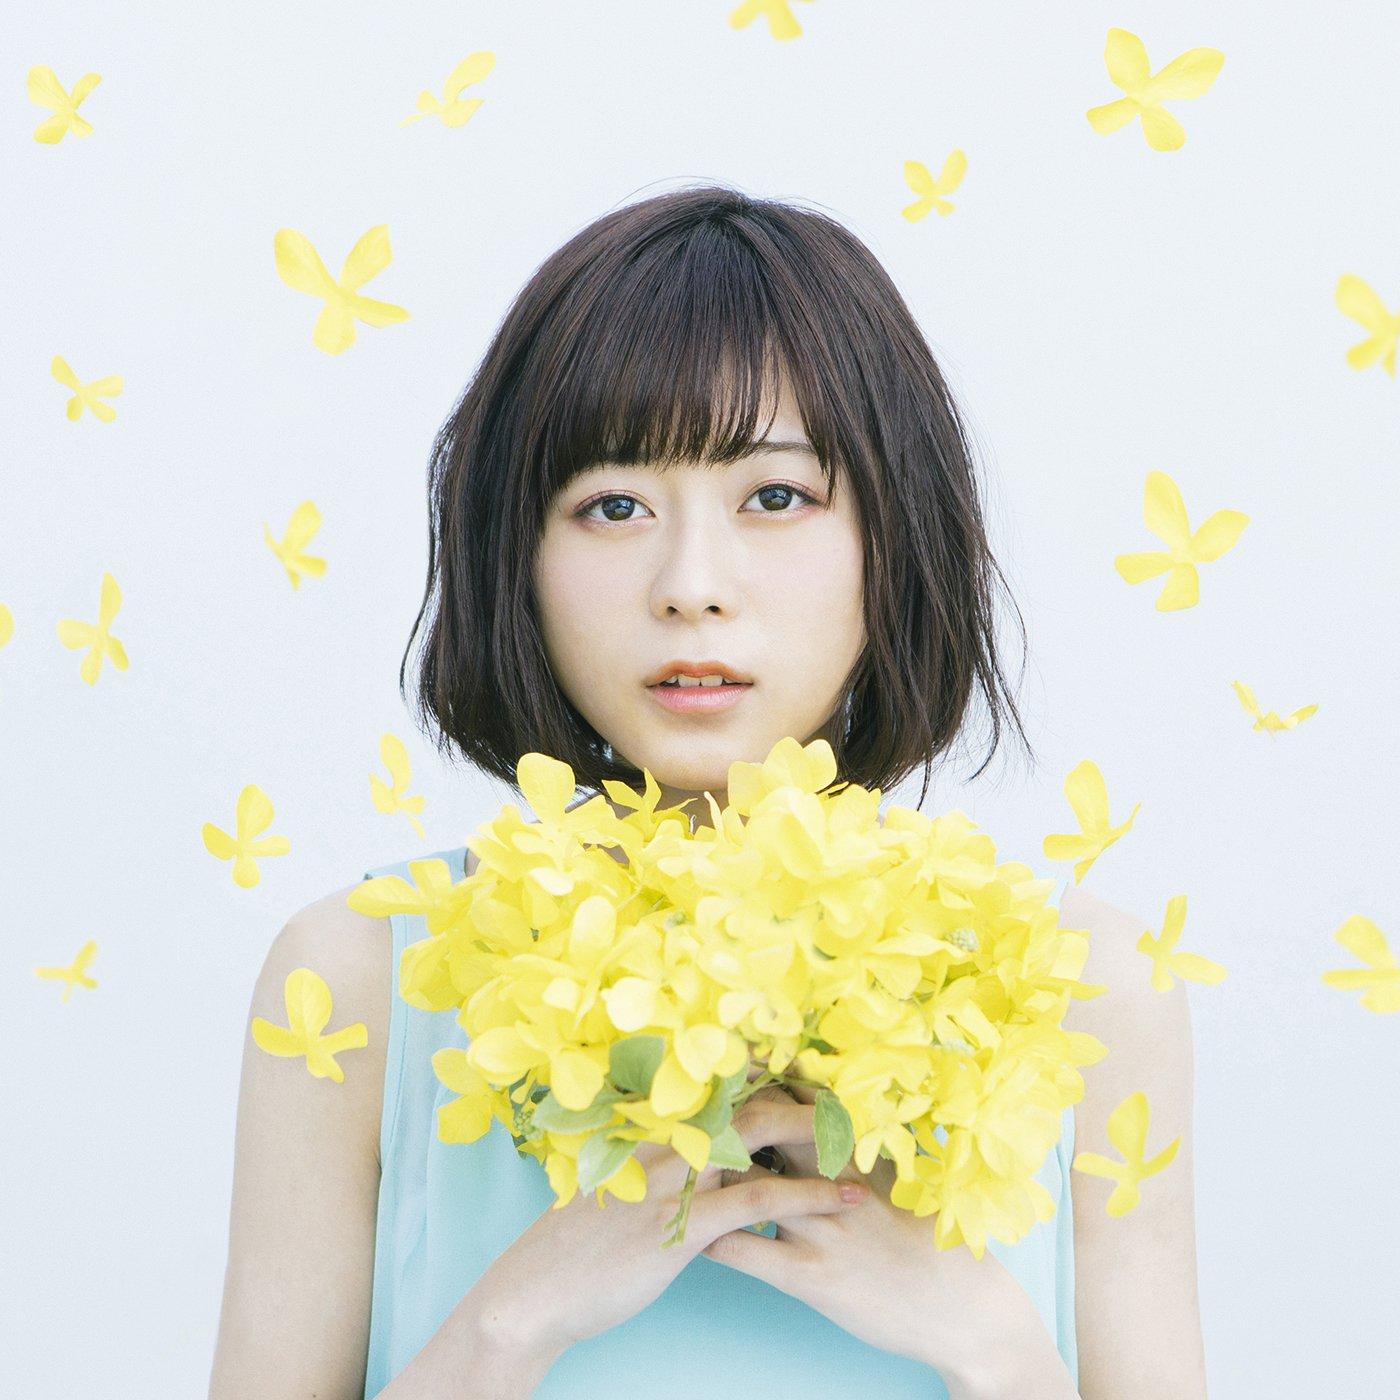 水瀬いのり innocent flower Ipad壁紙 画像63550 スマポ